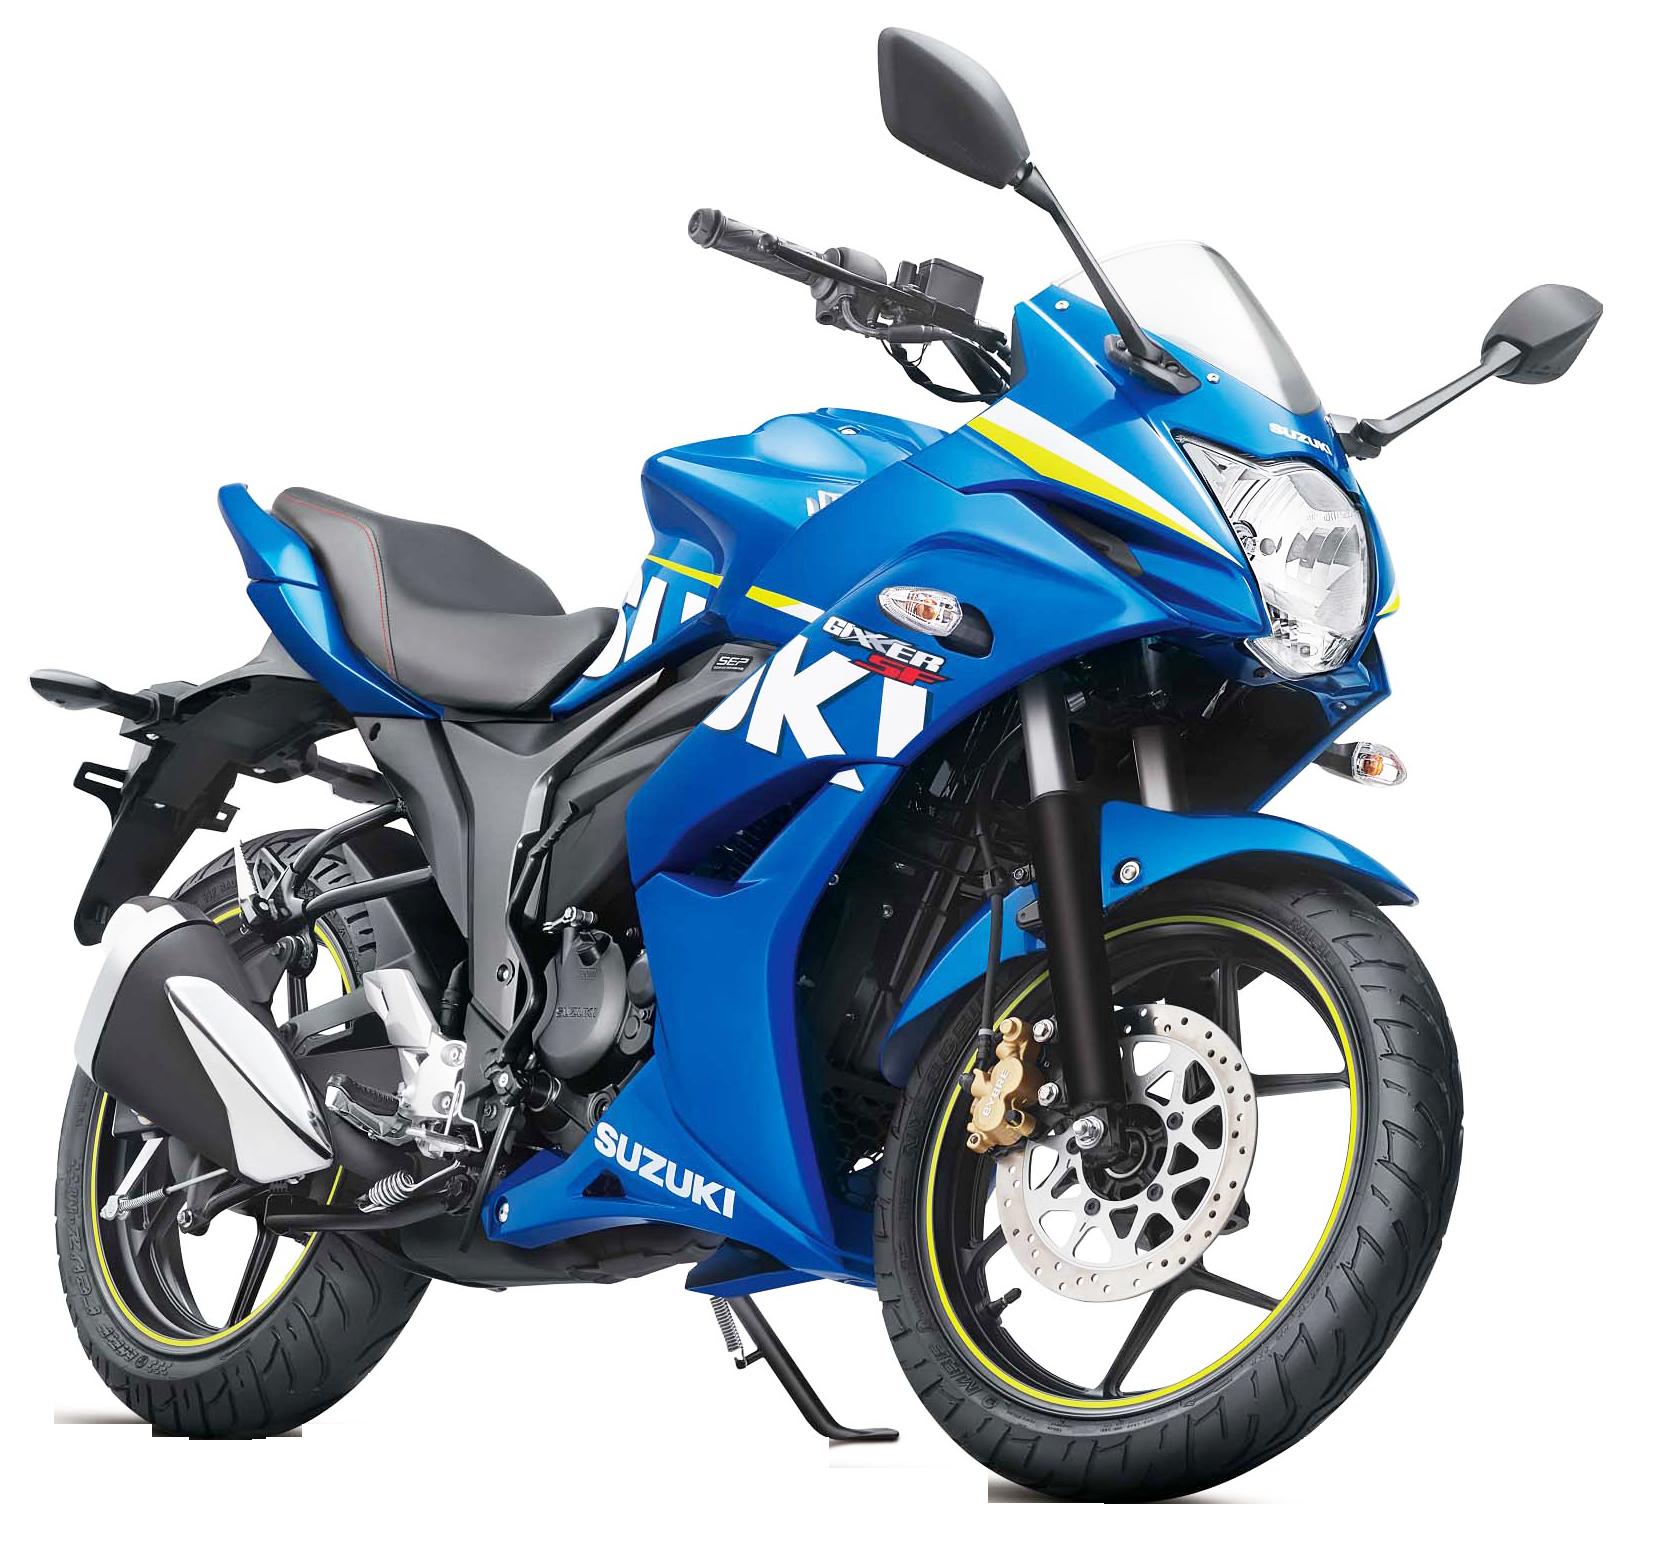 Suzuki Hayabusa Motorbike Png Image Free Png Images U003Eu003E Pngpix Page 149 Of 266 Download - Motorbike, Transparent background PNG HD thumbnail